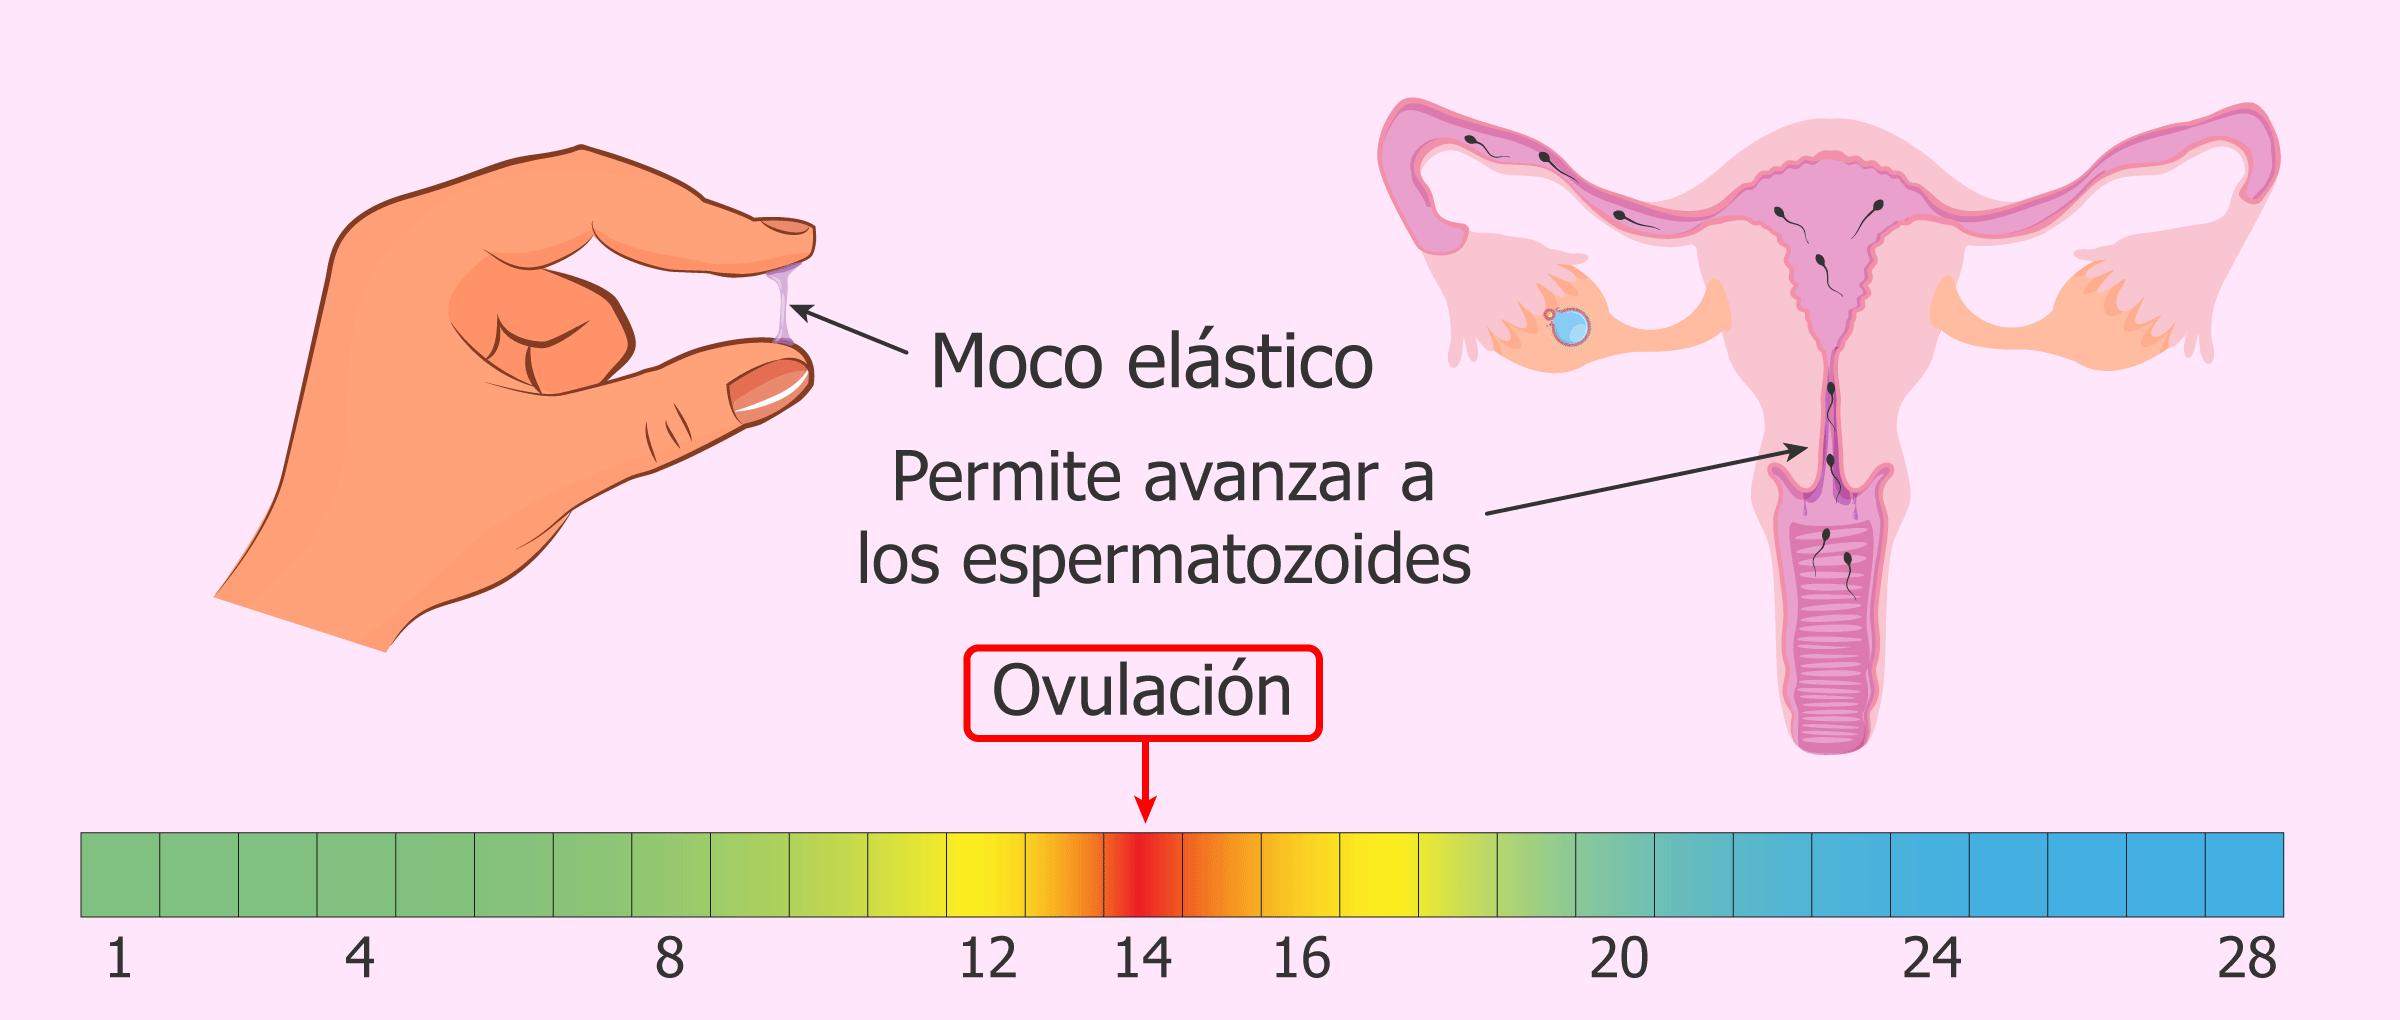 Mucosidad cervical en la ovulación